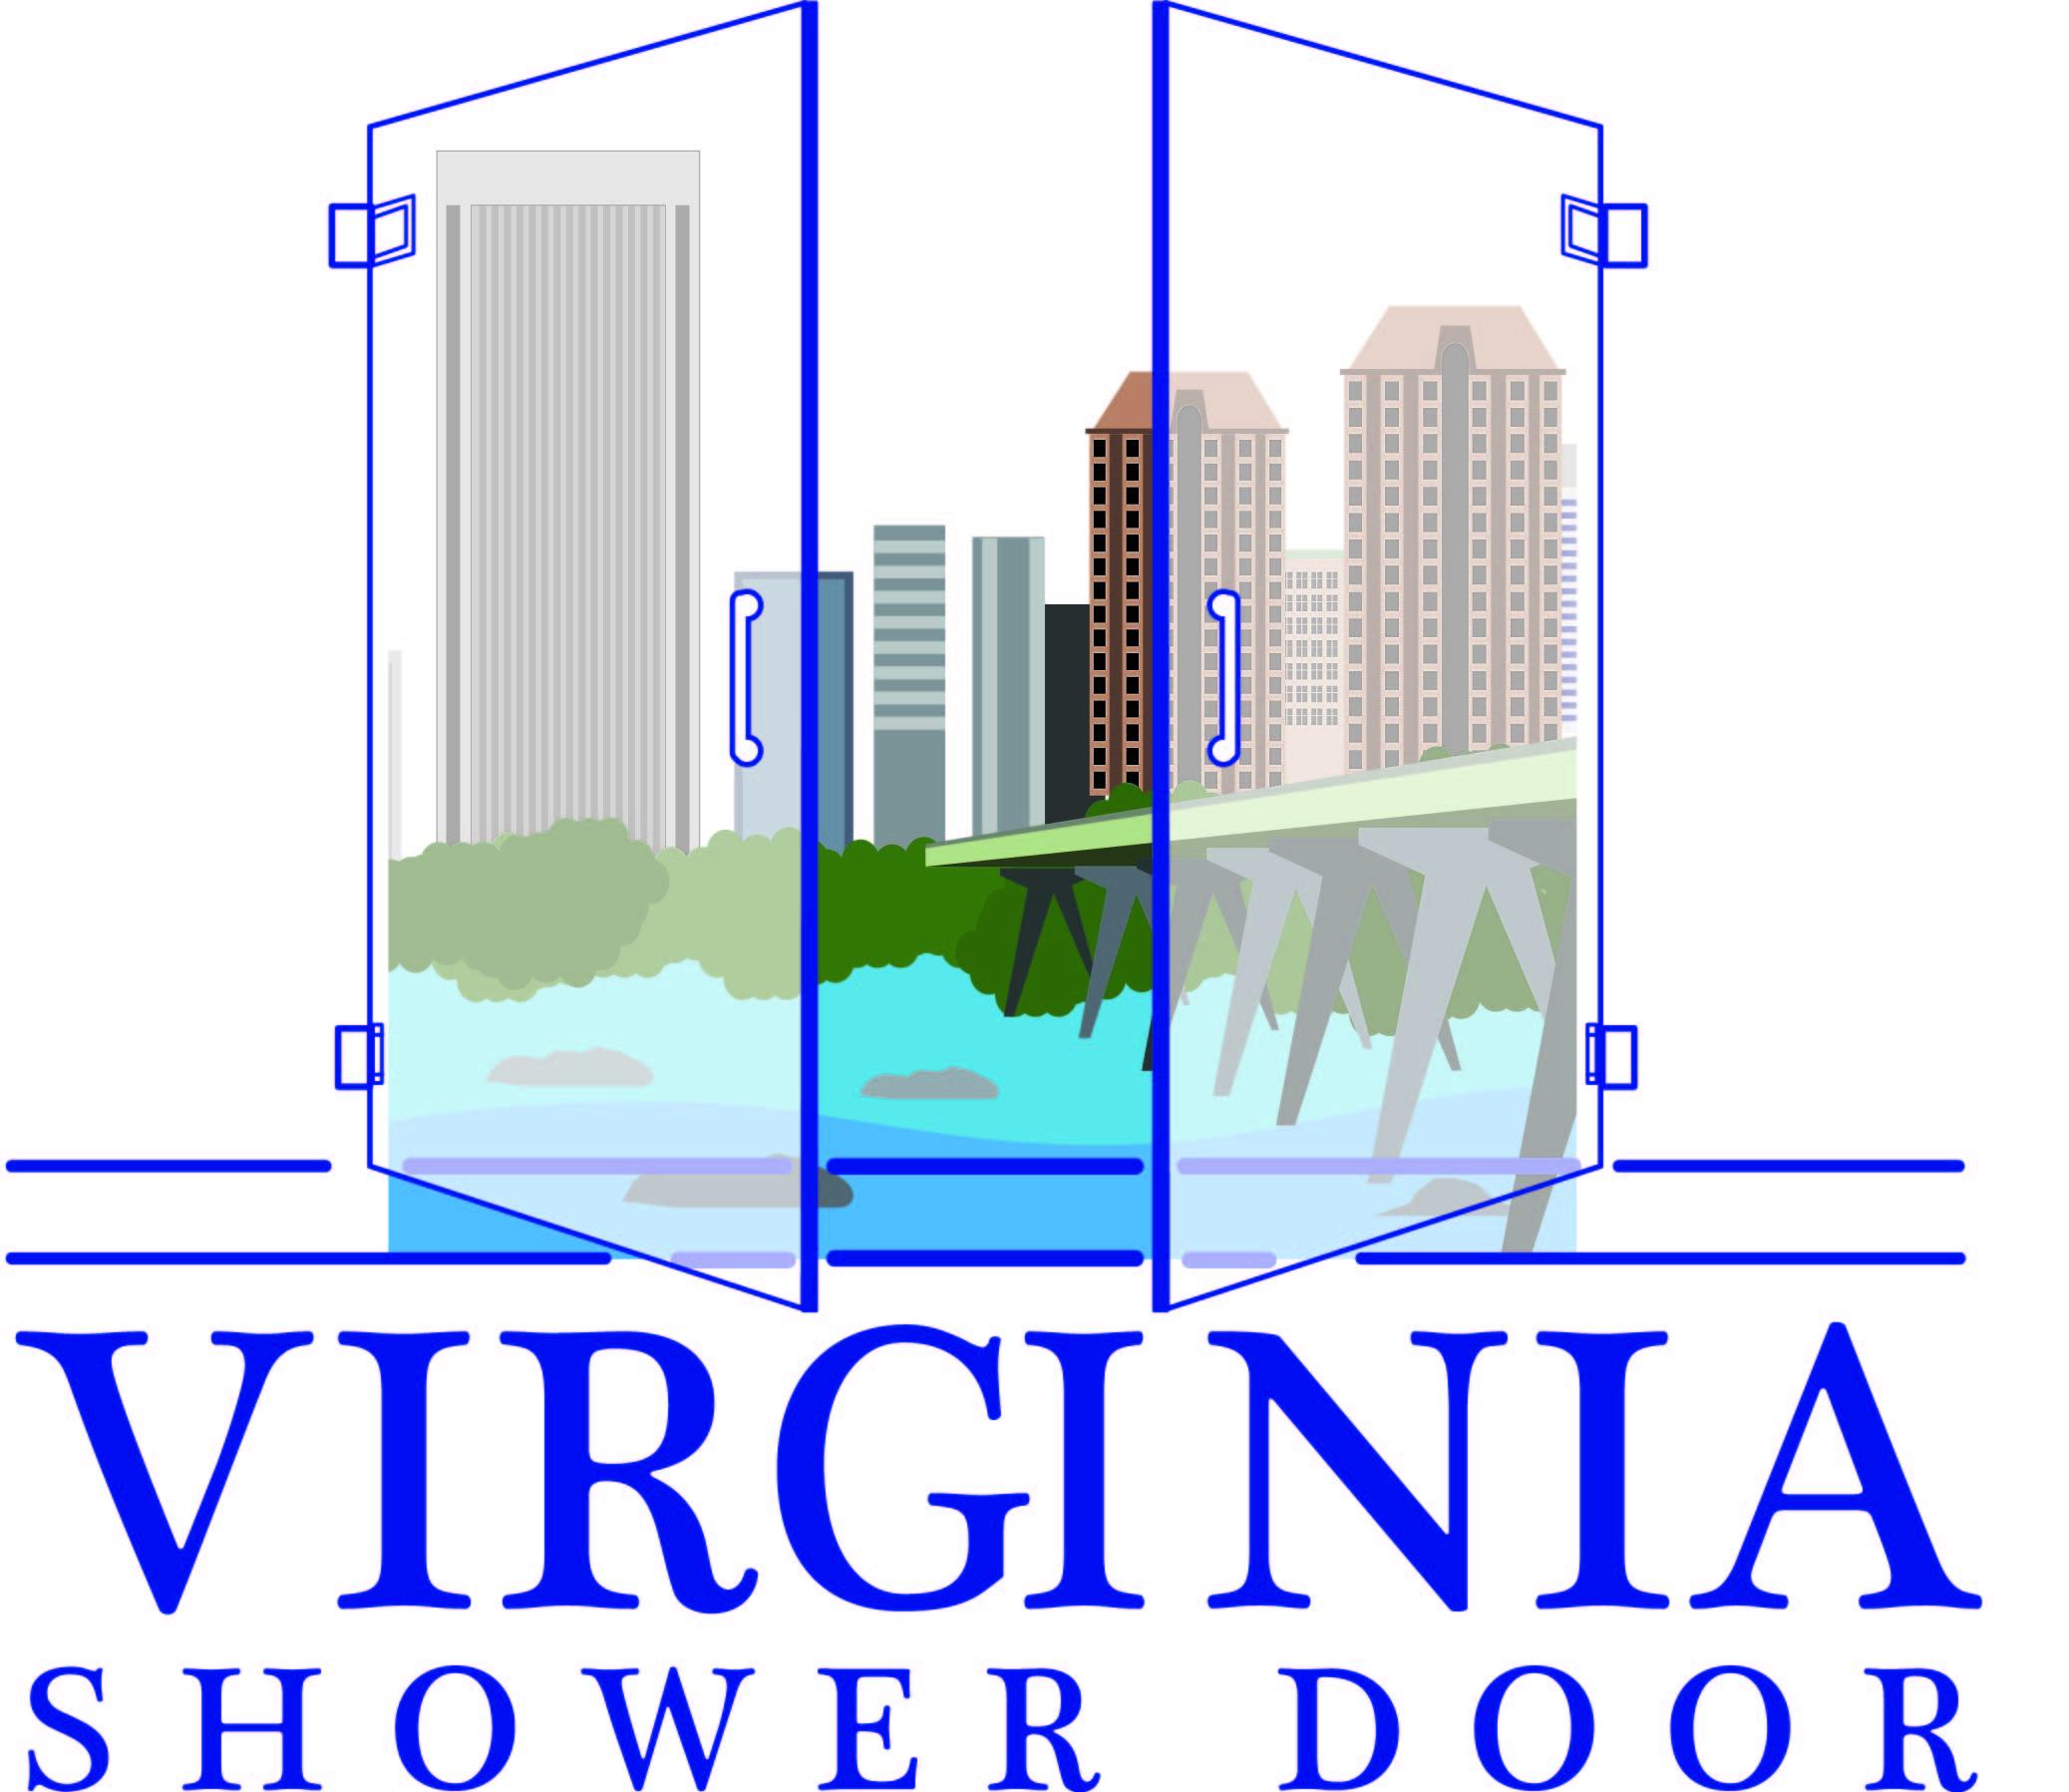 Va Shower Door LOGO Revised - Virginia Shower Door LLC ...